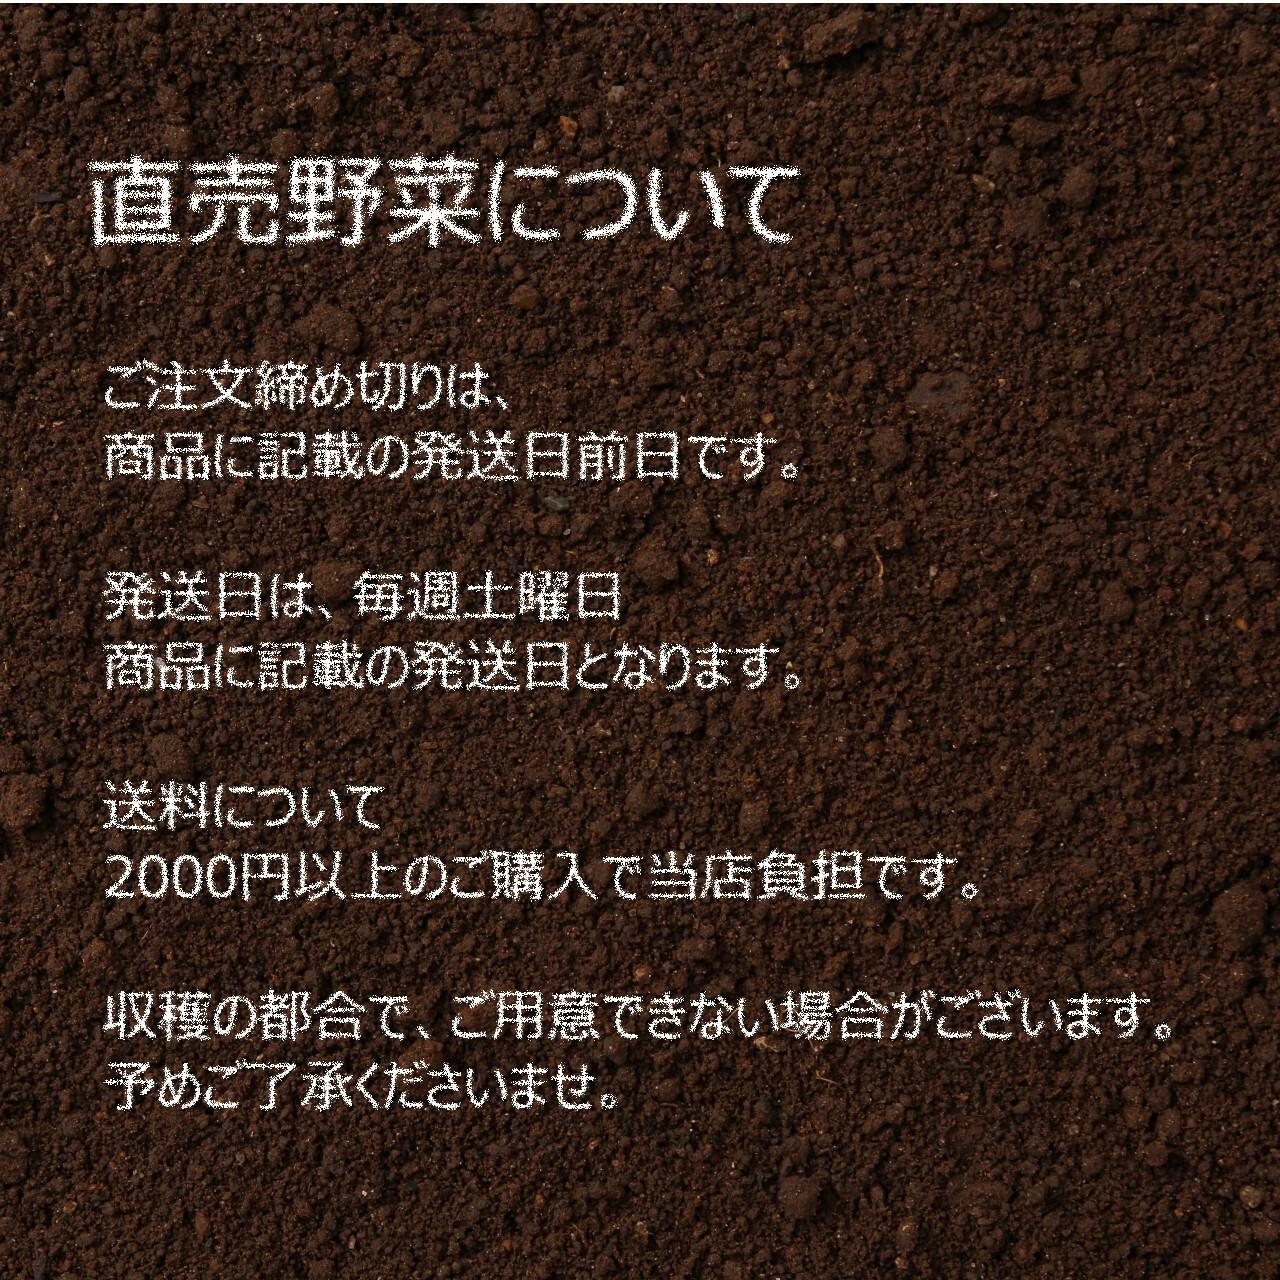 新鮮な秋野菜 : ネギ 3~4本 11月の朝採り直売野菜 11月7日発送予定